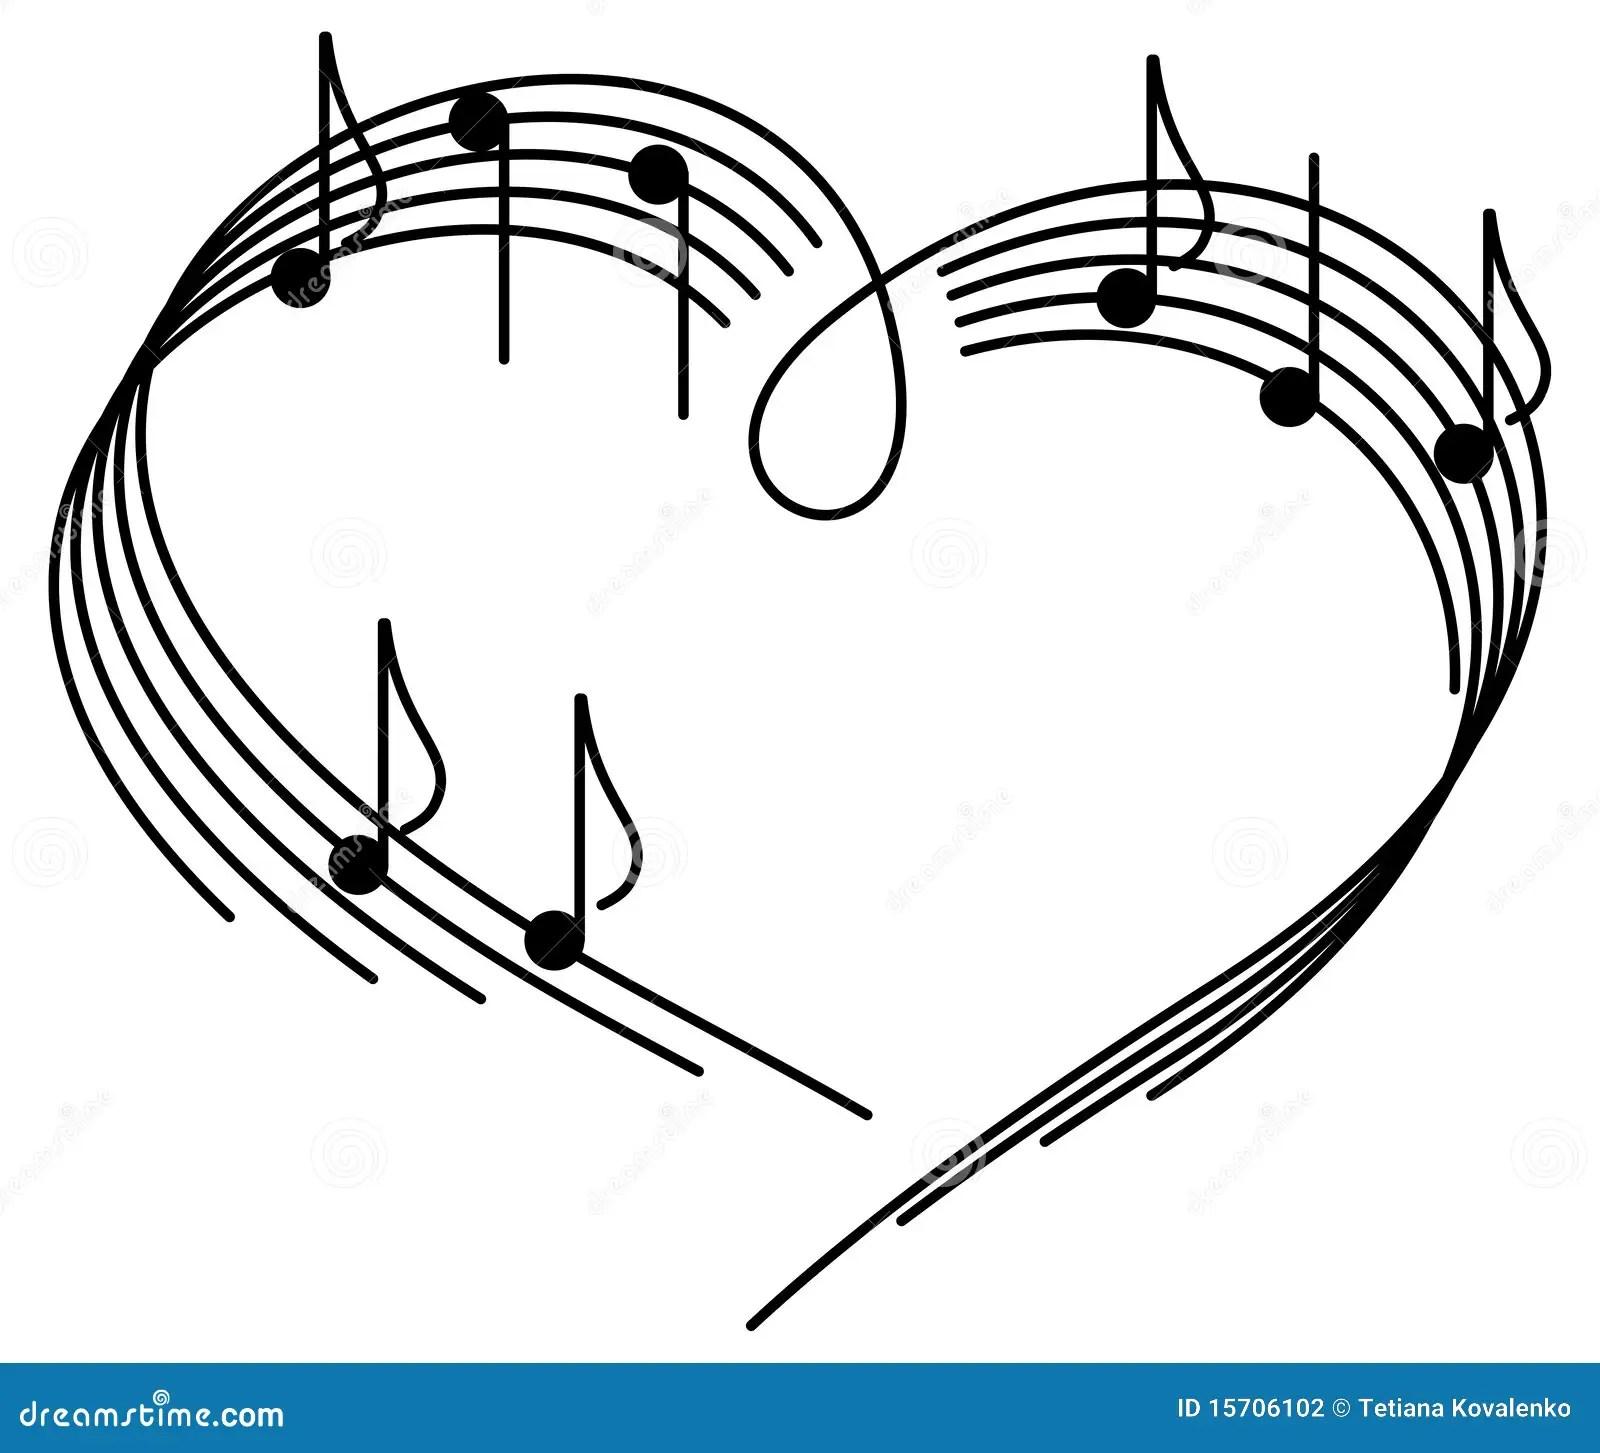 Muziek van liefde. vector illustratie. Illustratie